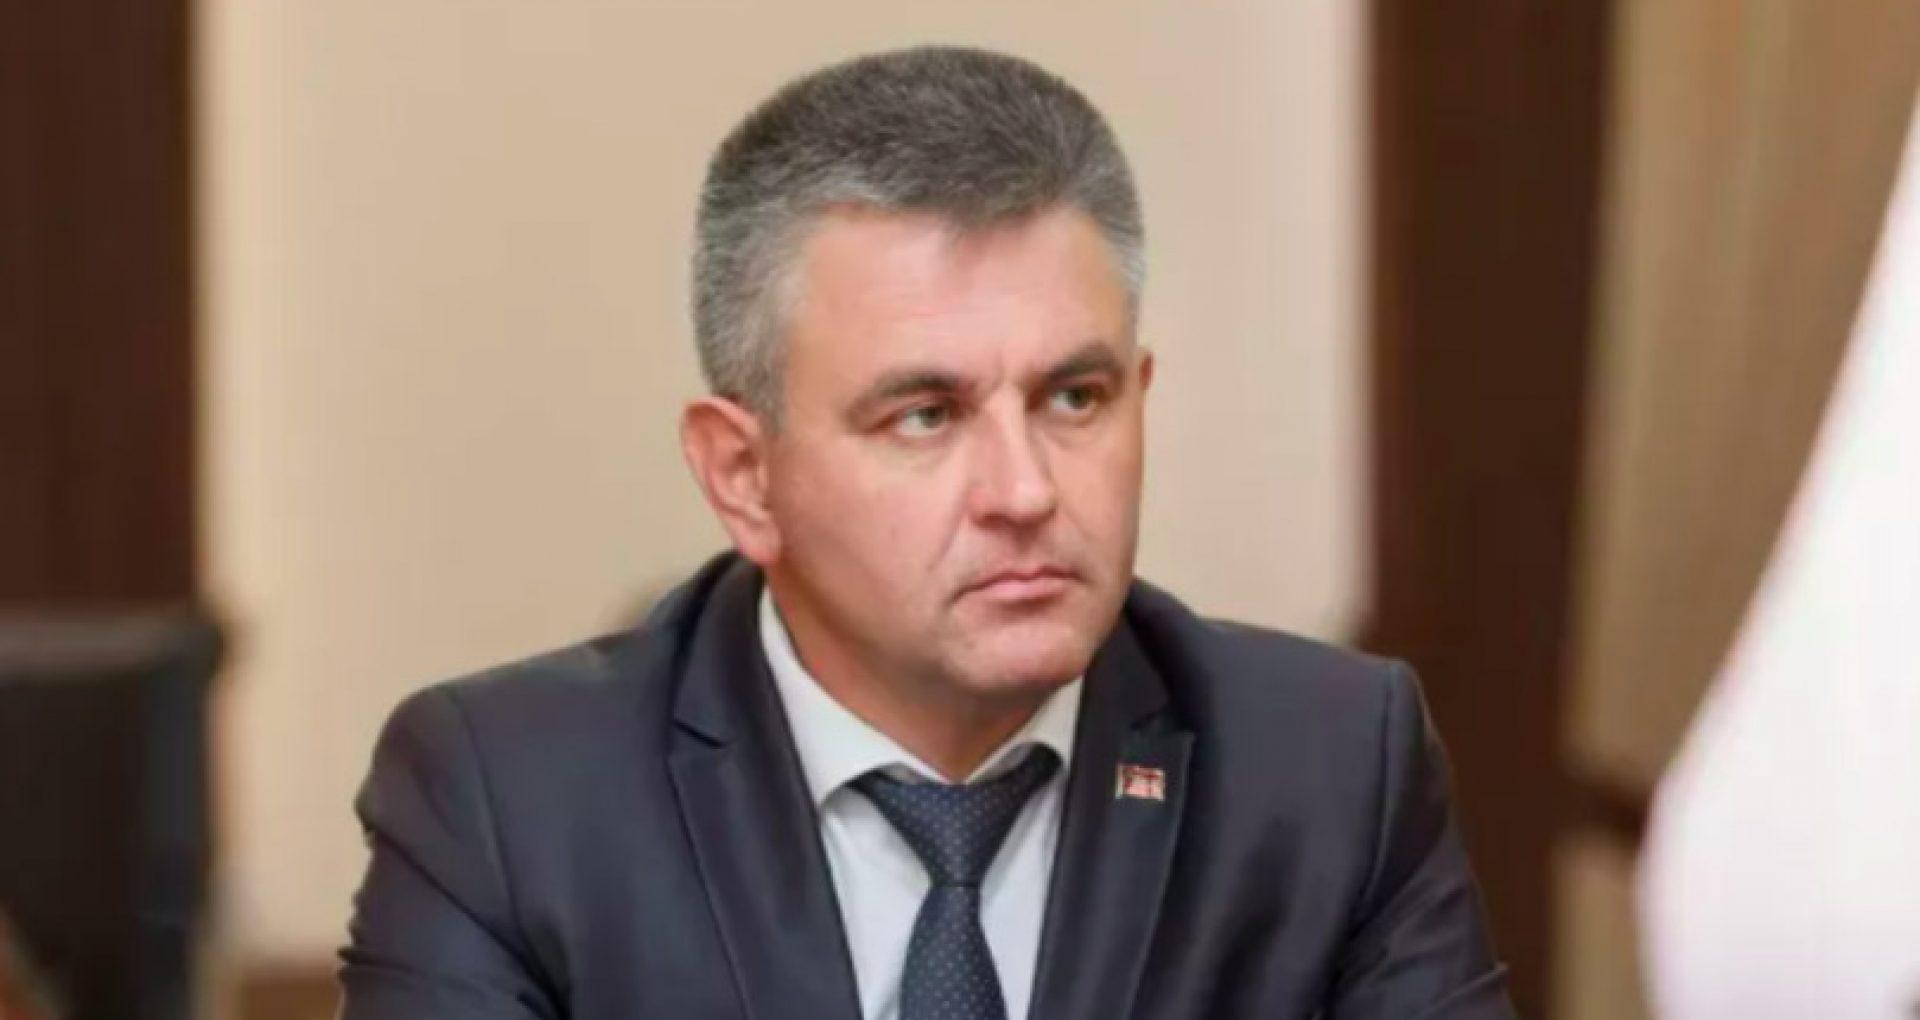 Vadim Krasnoselski își exprimă recunoștința față de România, după ce 1810 de doze de vaccin AstraZeneca au ajuns în regiunea transnistreană